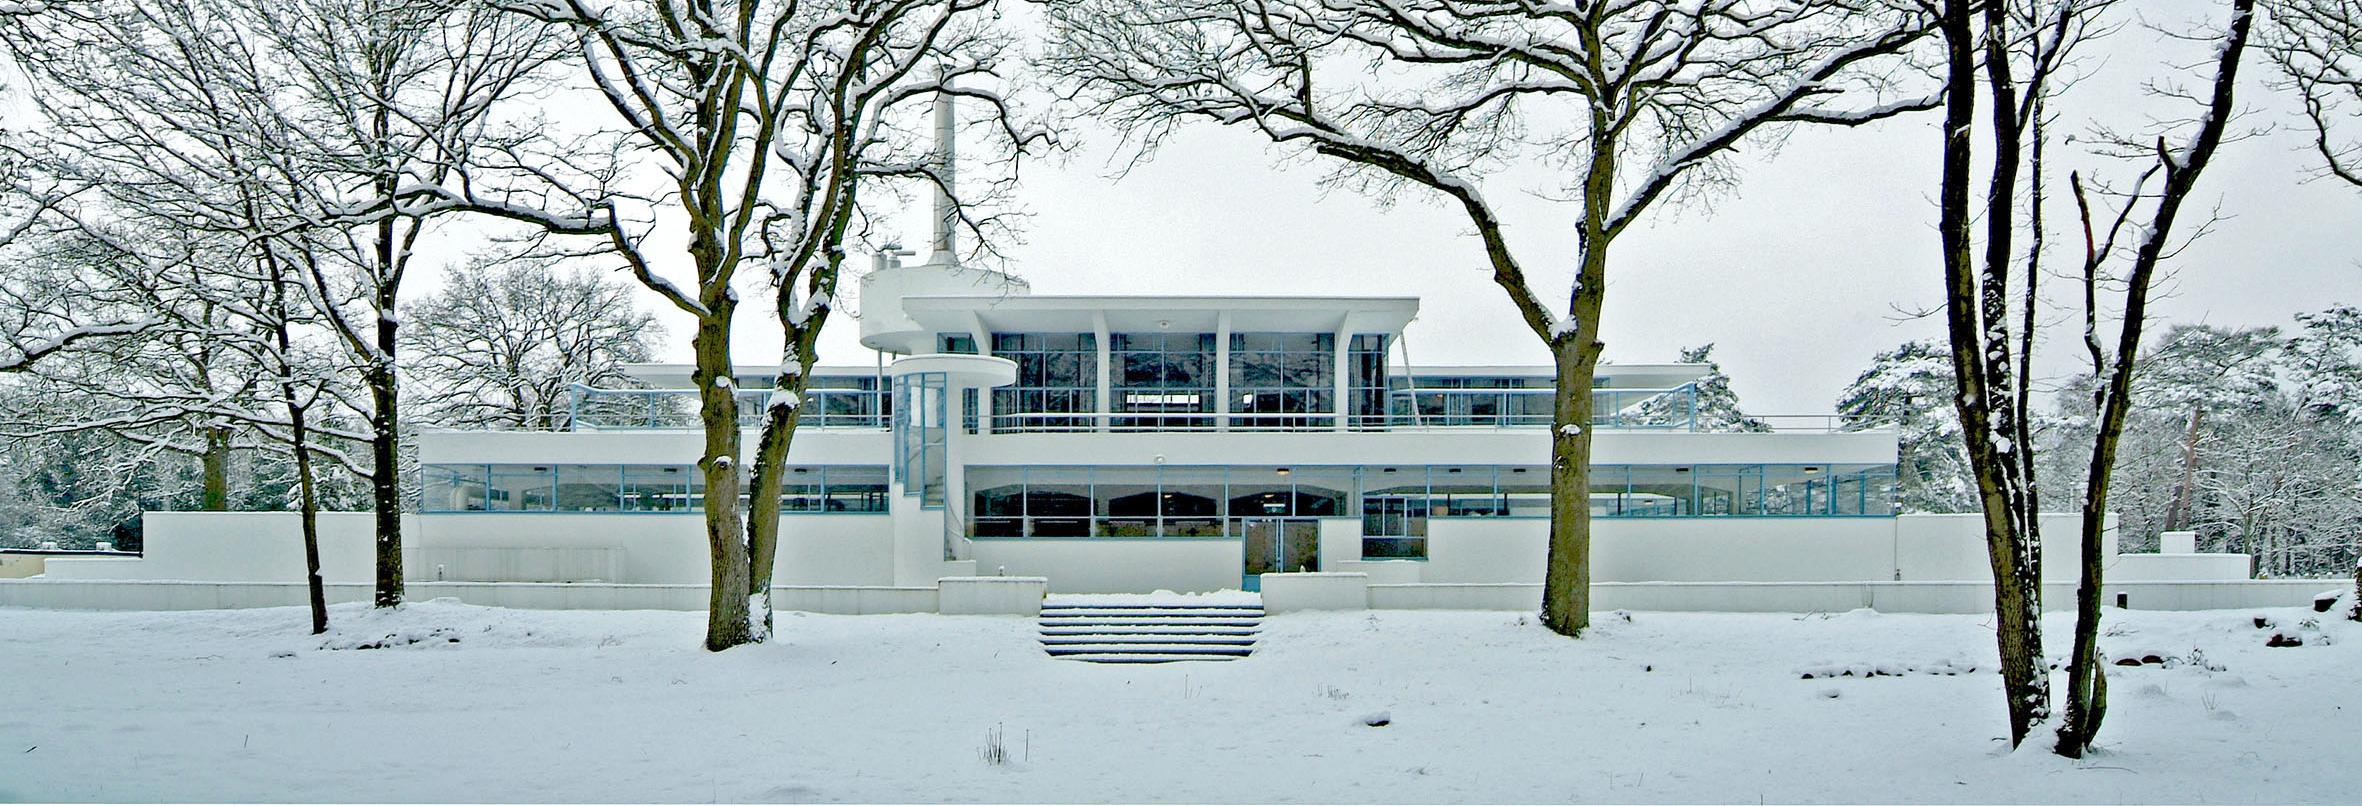 Zonnestraal in de sneeuw